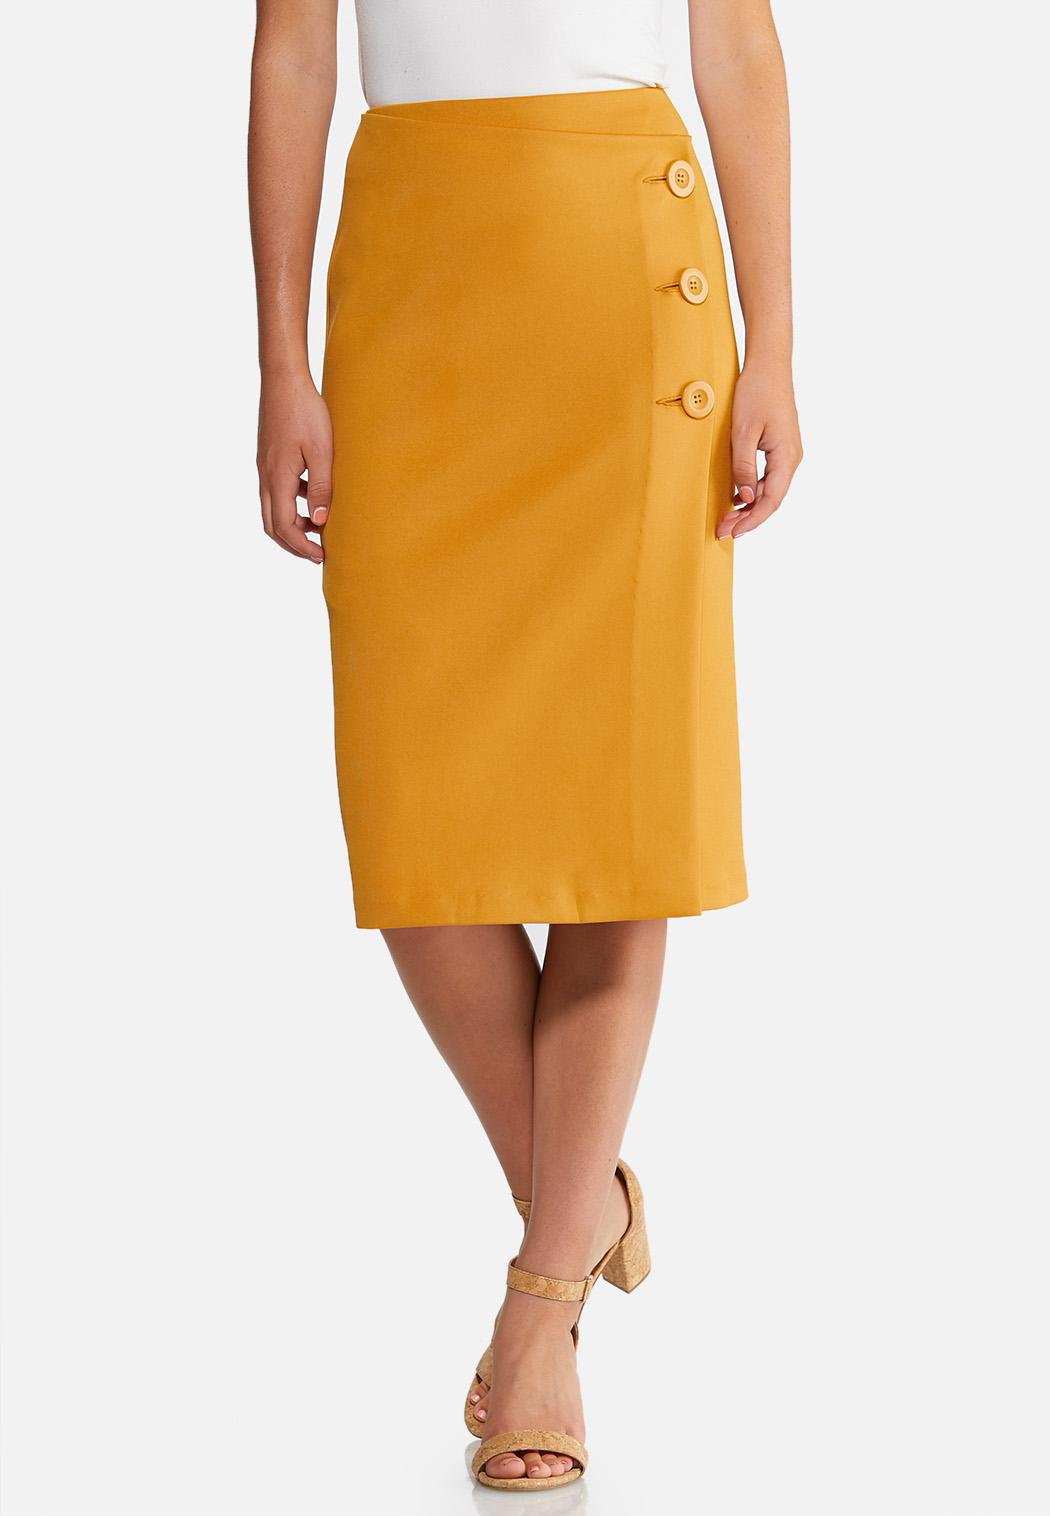 0ddadd9b64 Women's Skirts